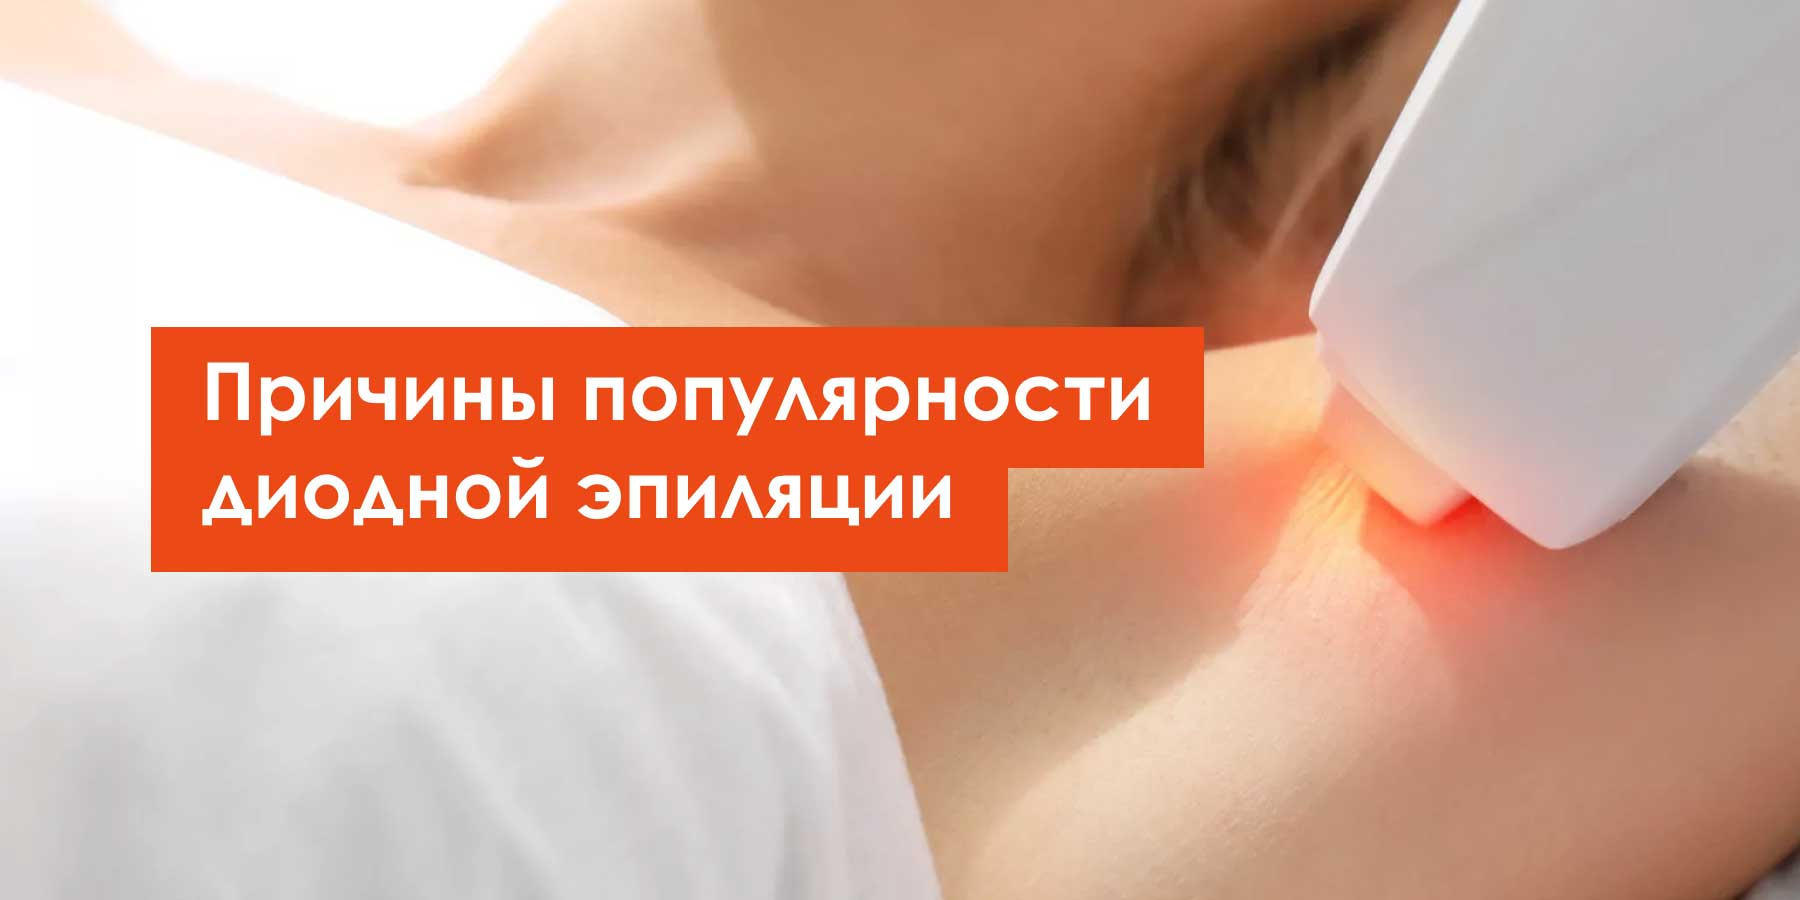 Причины популярности лазерной эпиляции. Диодный лазер